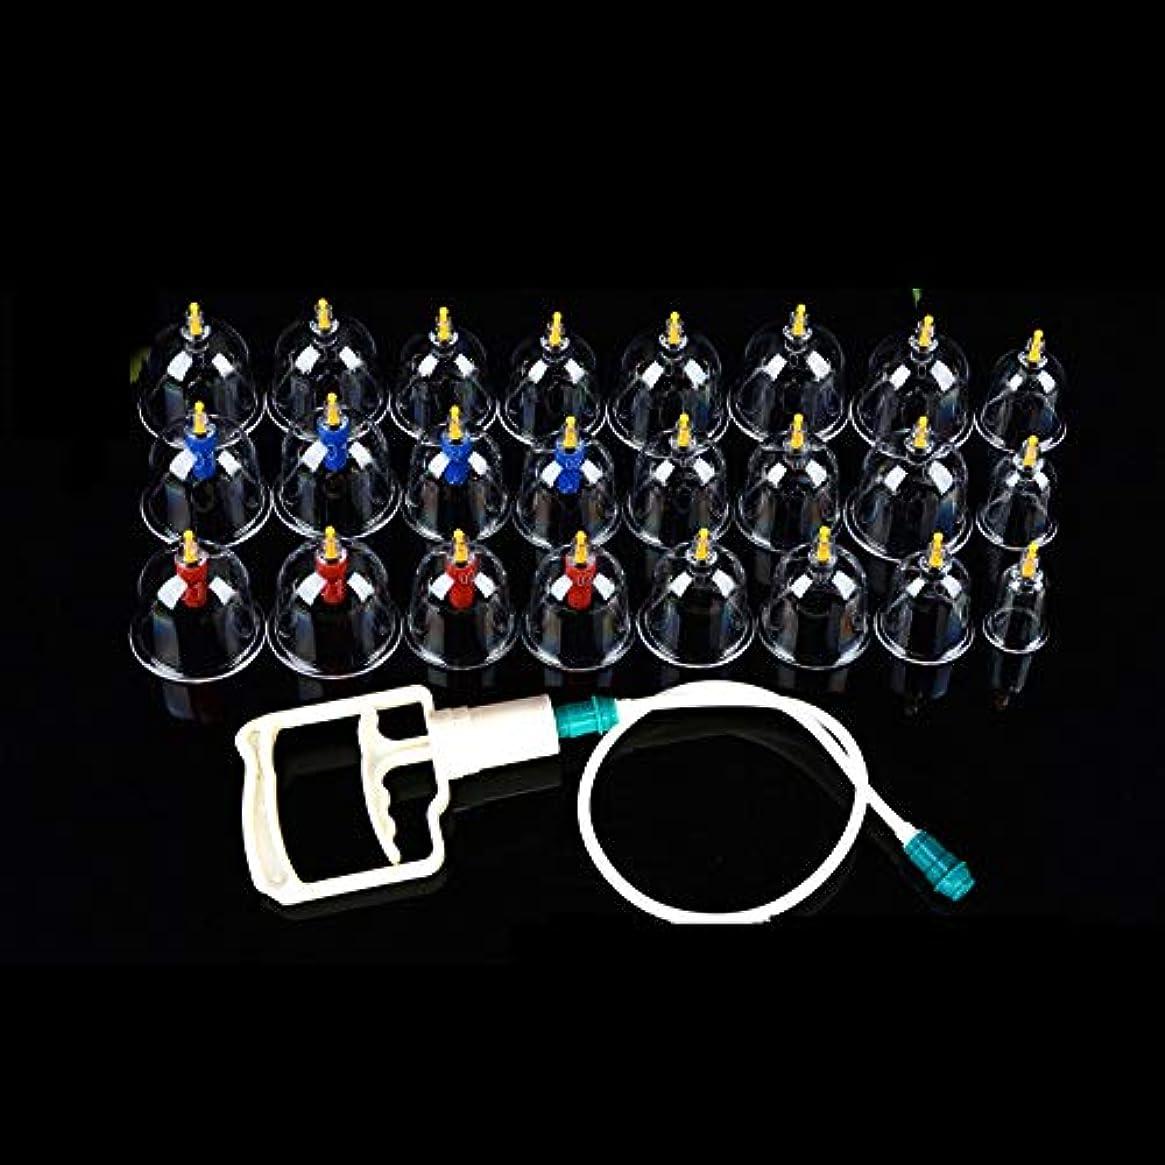 ハイキングに行くゴミ粘液ixaer カッピング 吸い玉 カッピング セット真空マッサージ吸い玉 マッサージカップ マッサージセラピー 中国式療法 圧力解消 血液の循環を促進 マッサージ効果 (24個セット)